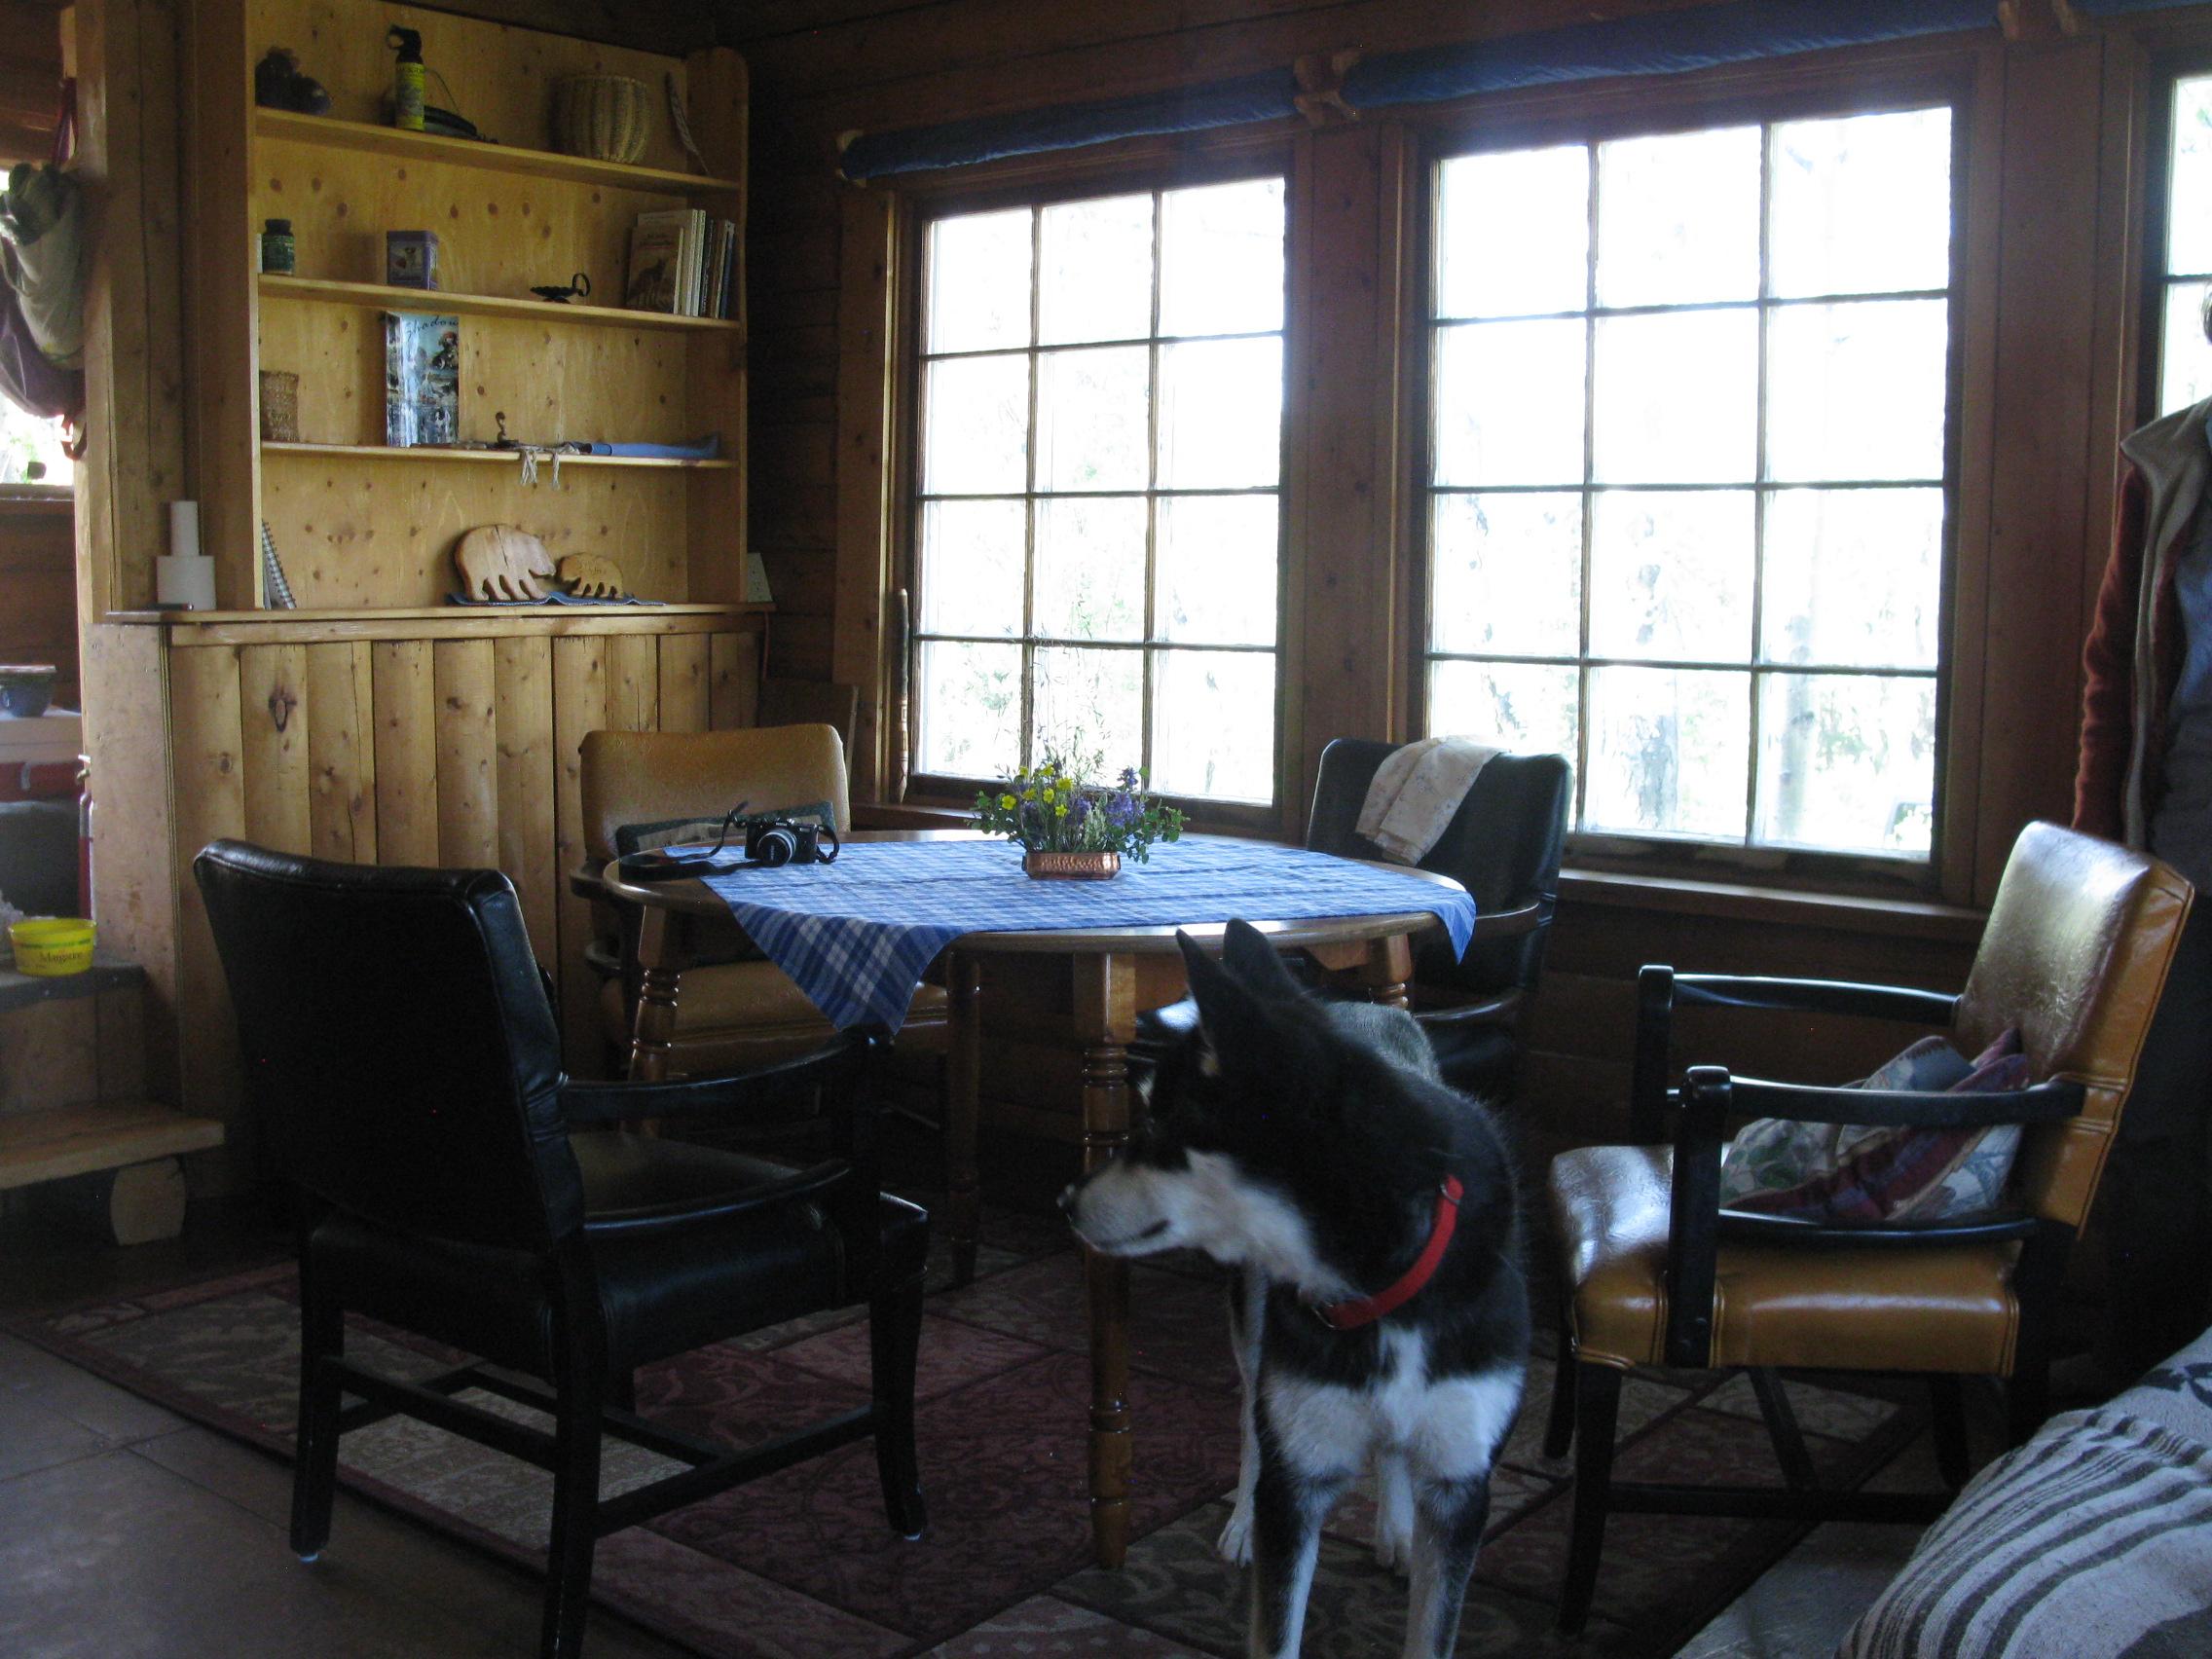 cabin rental living area at Kluane national Park